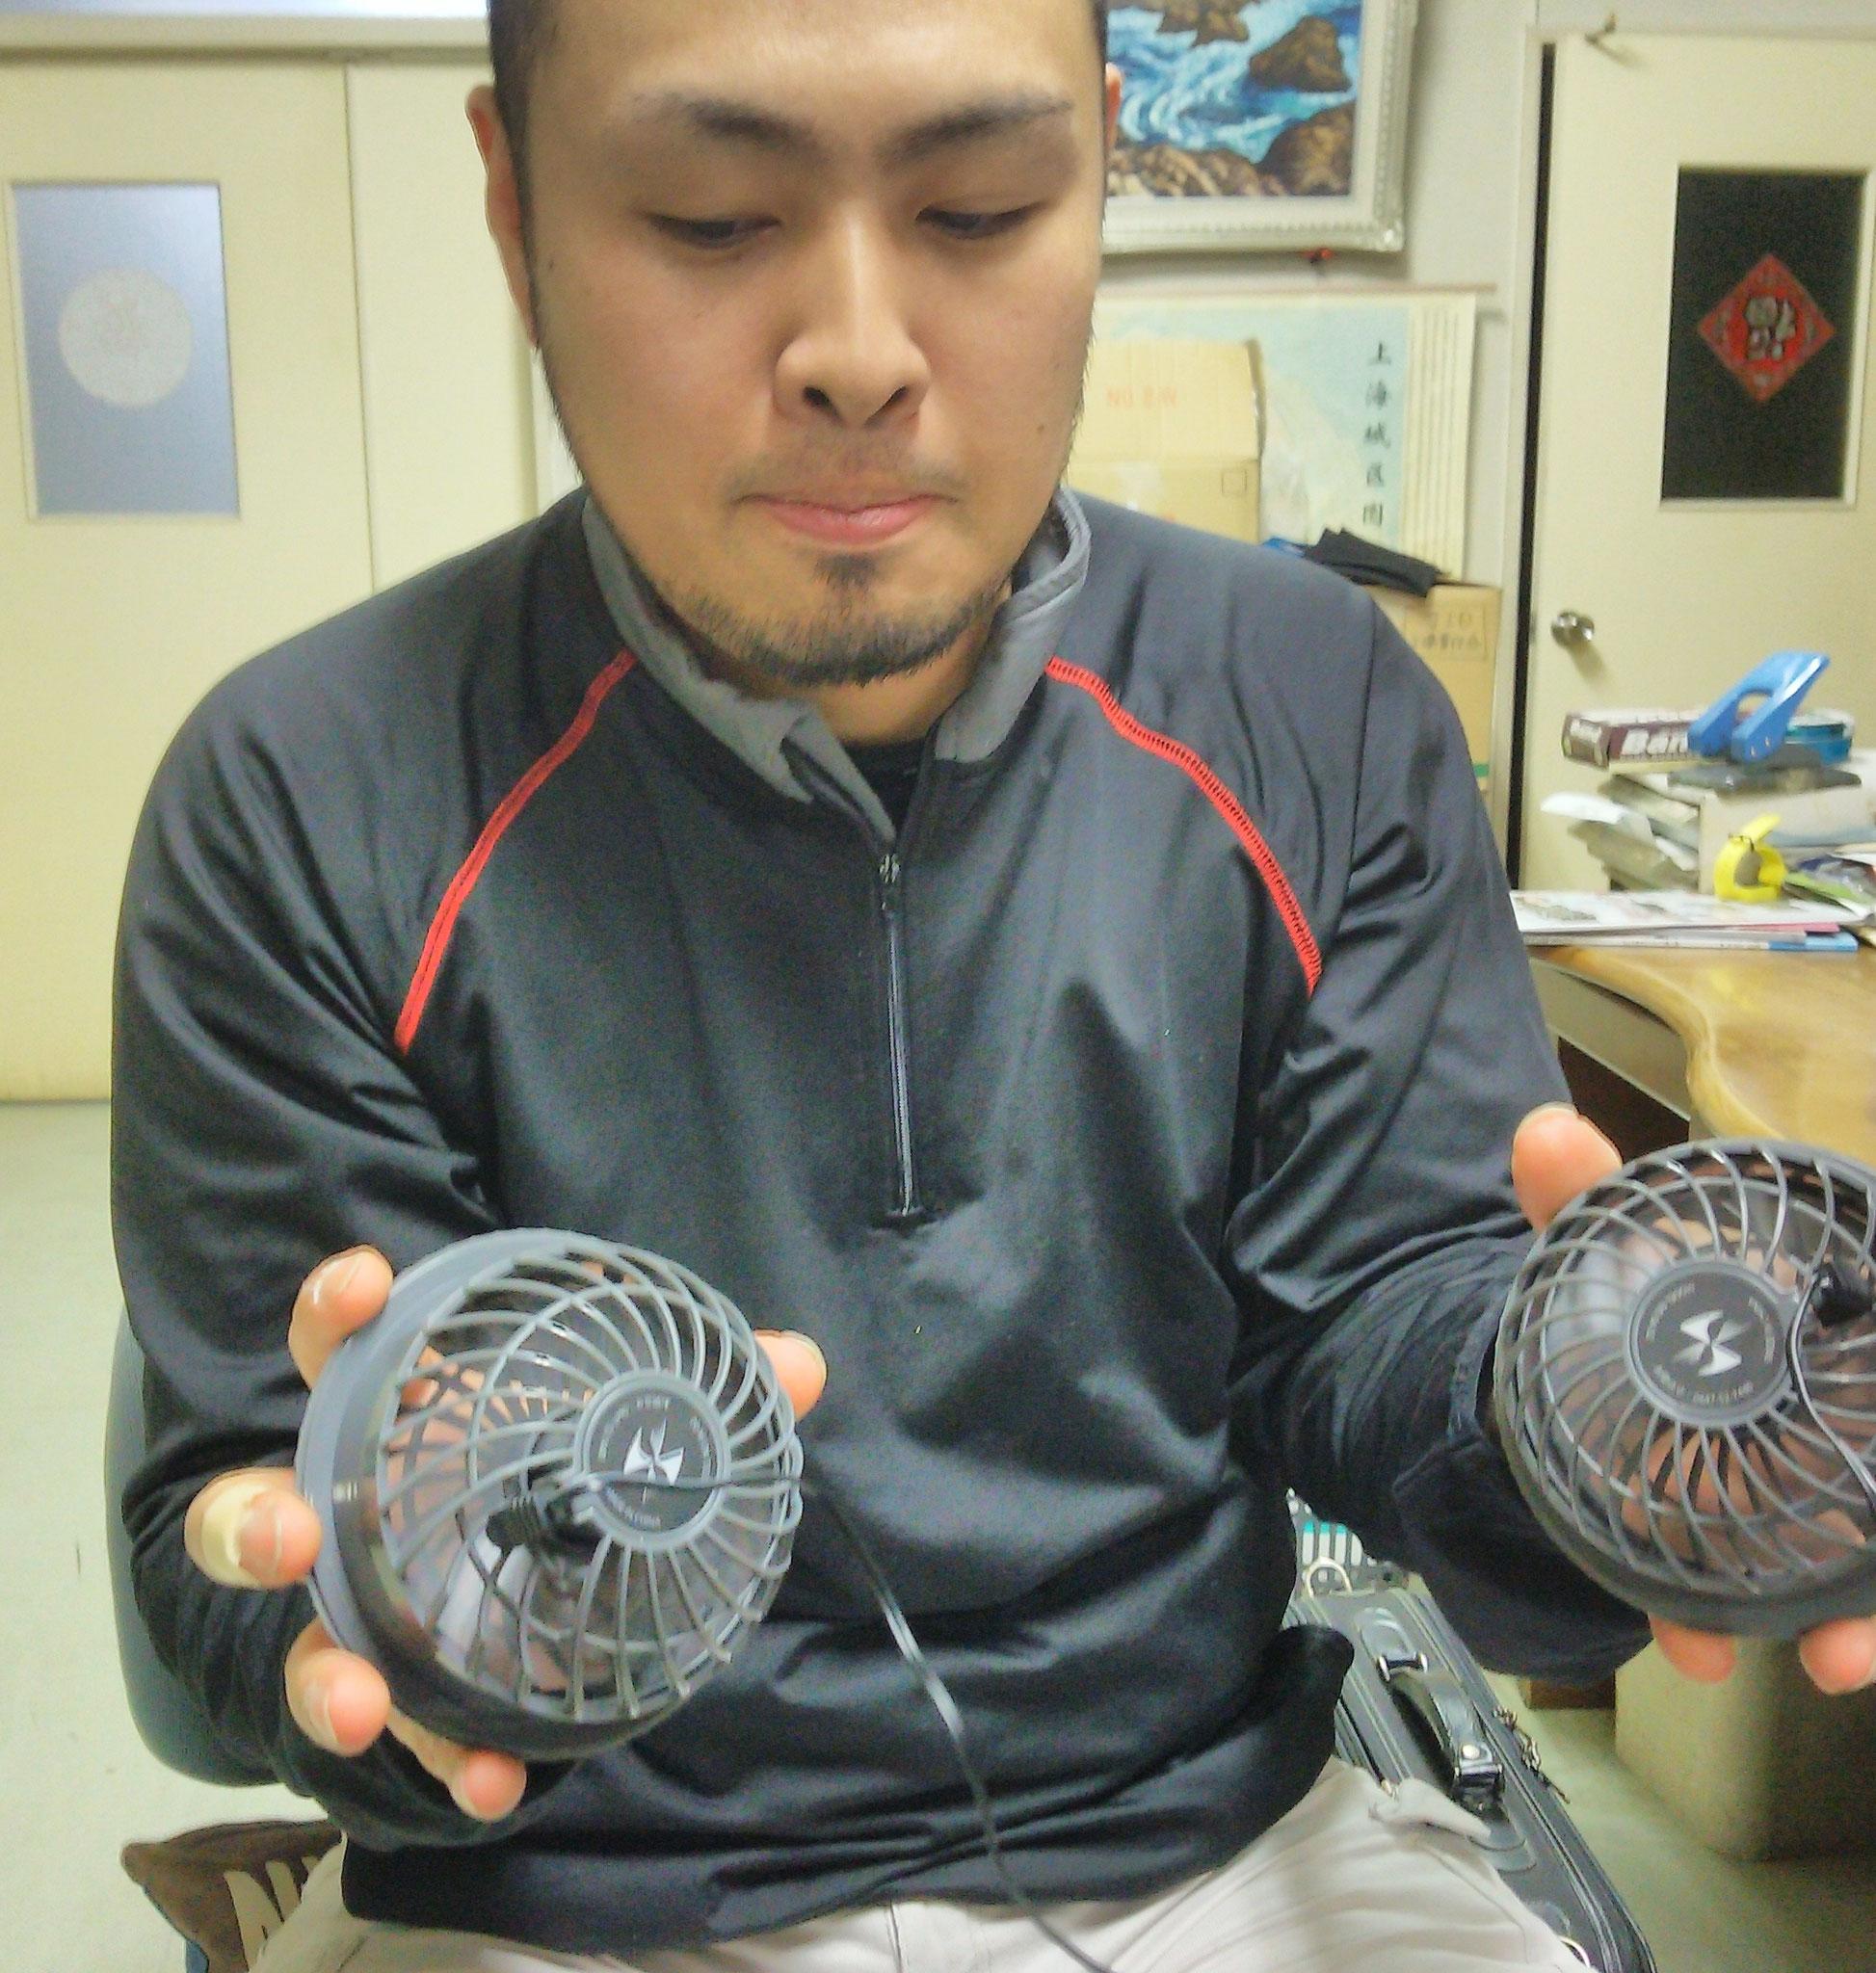 SK-7 ファンセット ¥3,990(税込)わりと音も静かで、しっかりとファンが回ります。石口さんも、太鼓判を押してくれました。